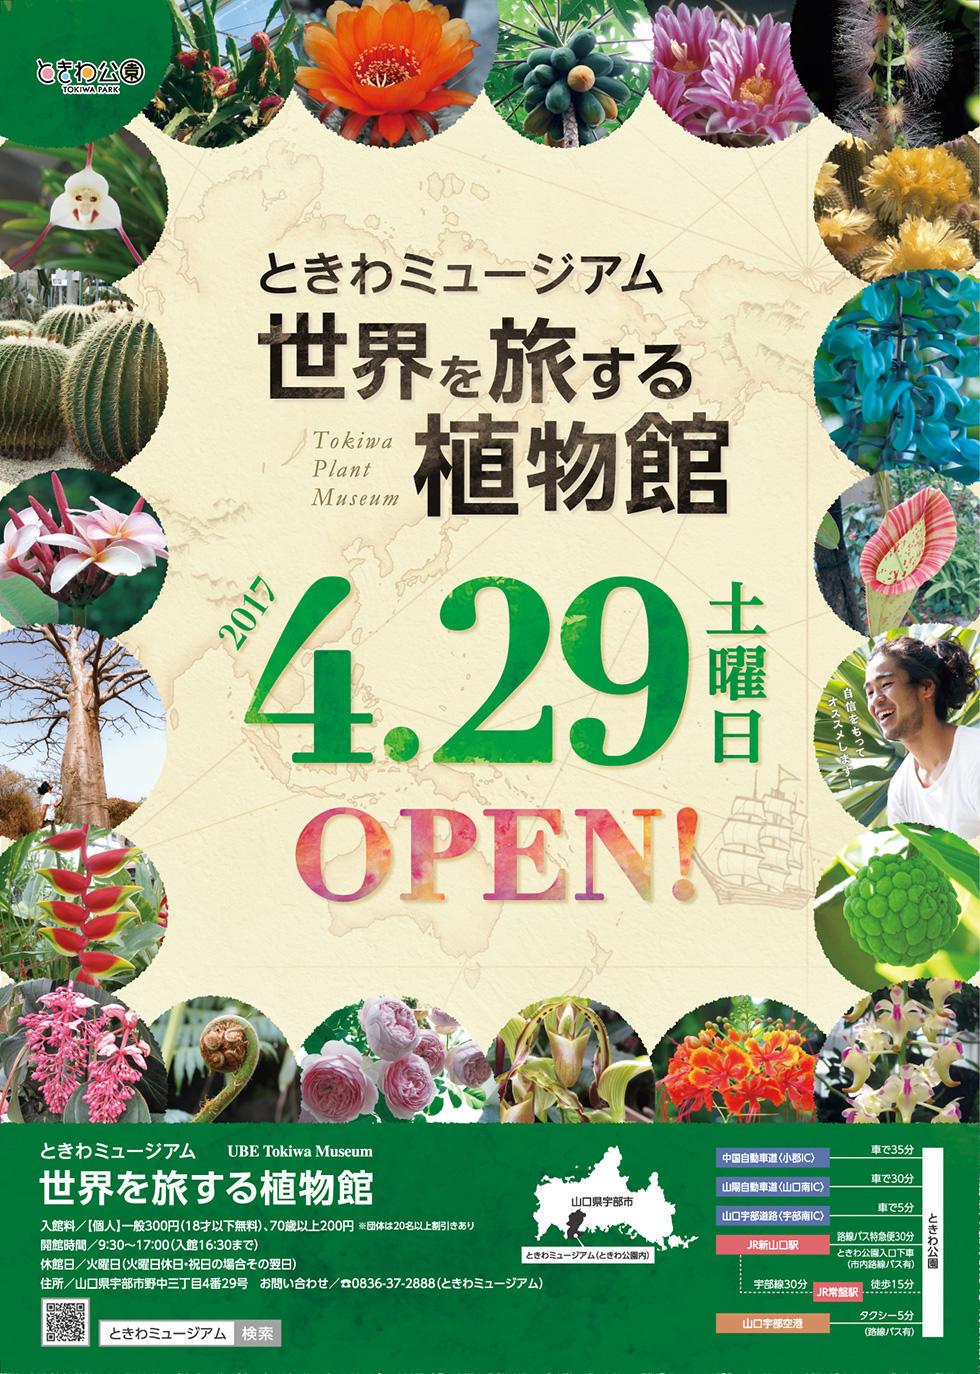 ときわミュージアム「世界を旅する植物館」2017年4月29日(土)オープン